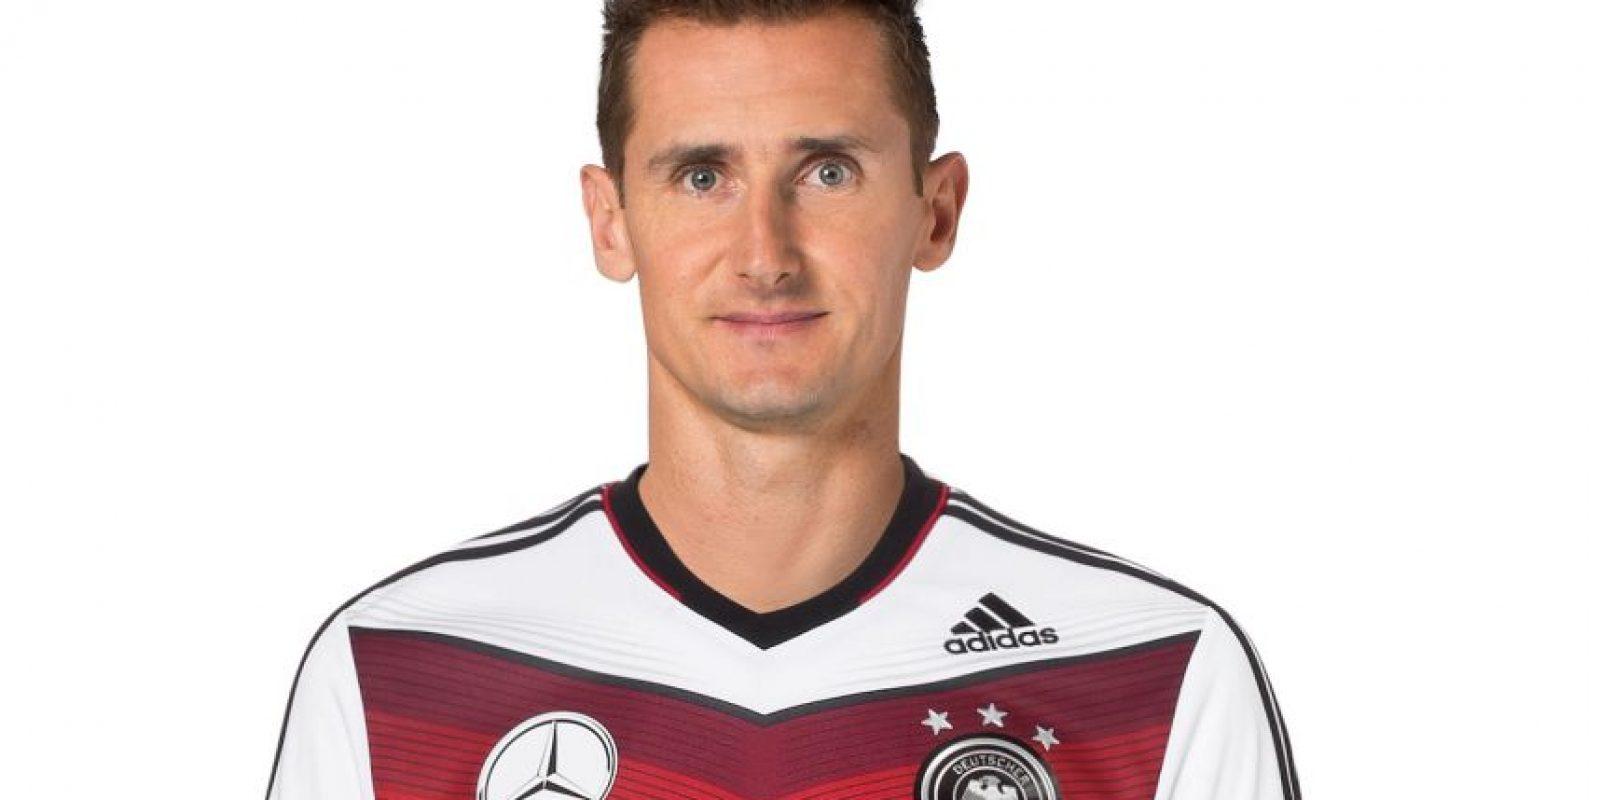 El alemán marcó cinco dianas en 2013, en la goleada 6-0 del Lazio sobre el Bologna Foto:Getty Images